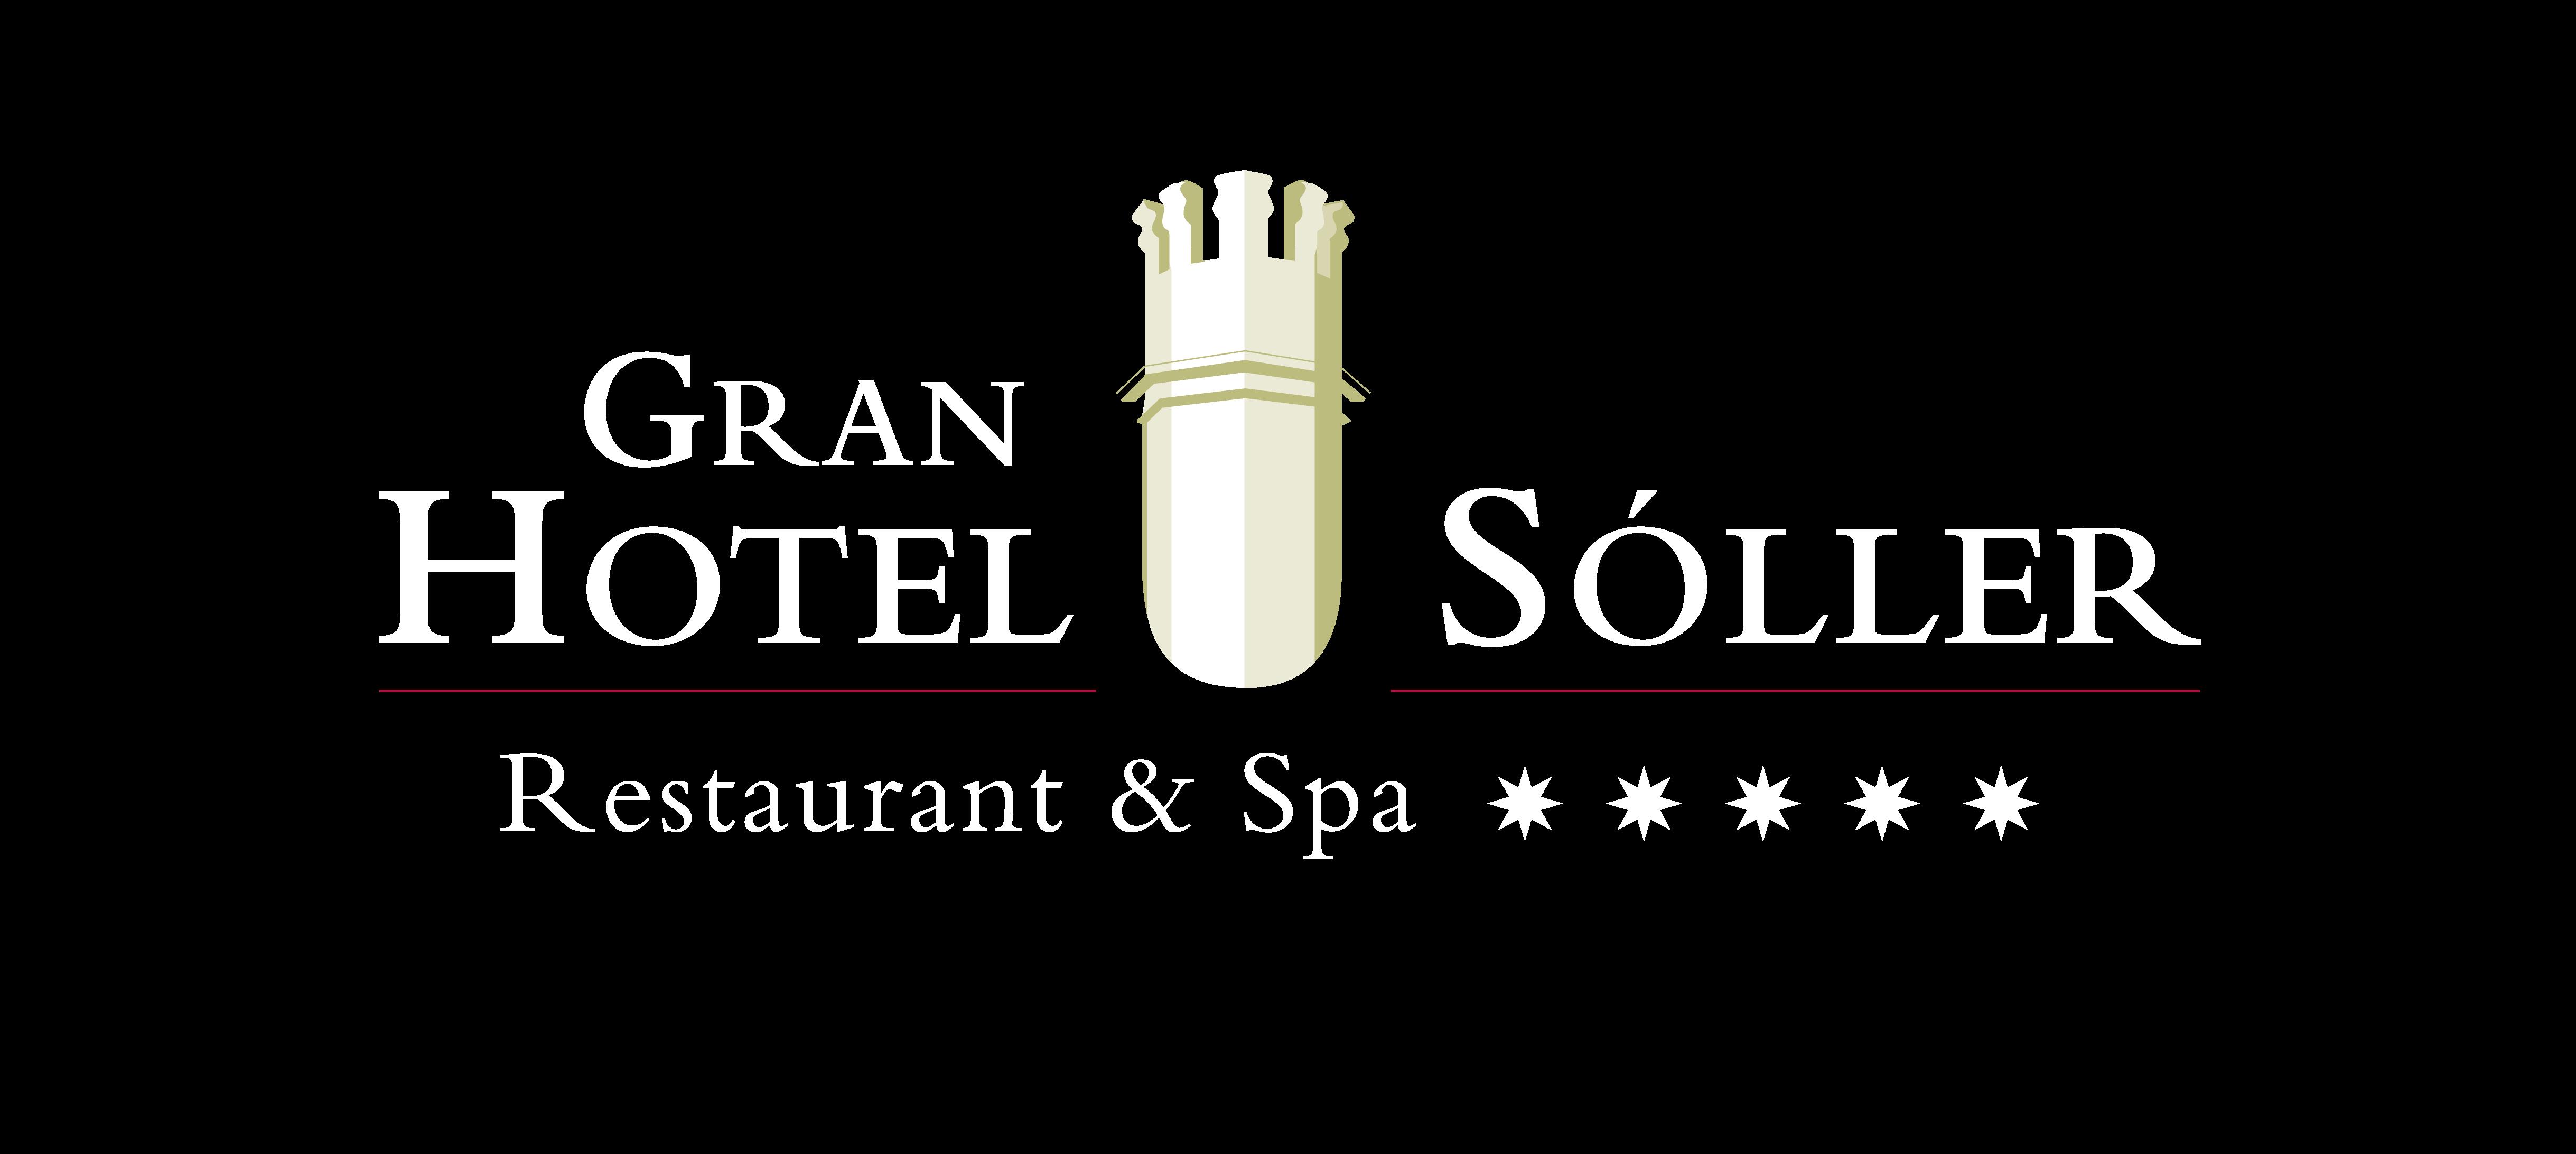 Logo Gran Hotel Soller